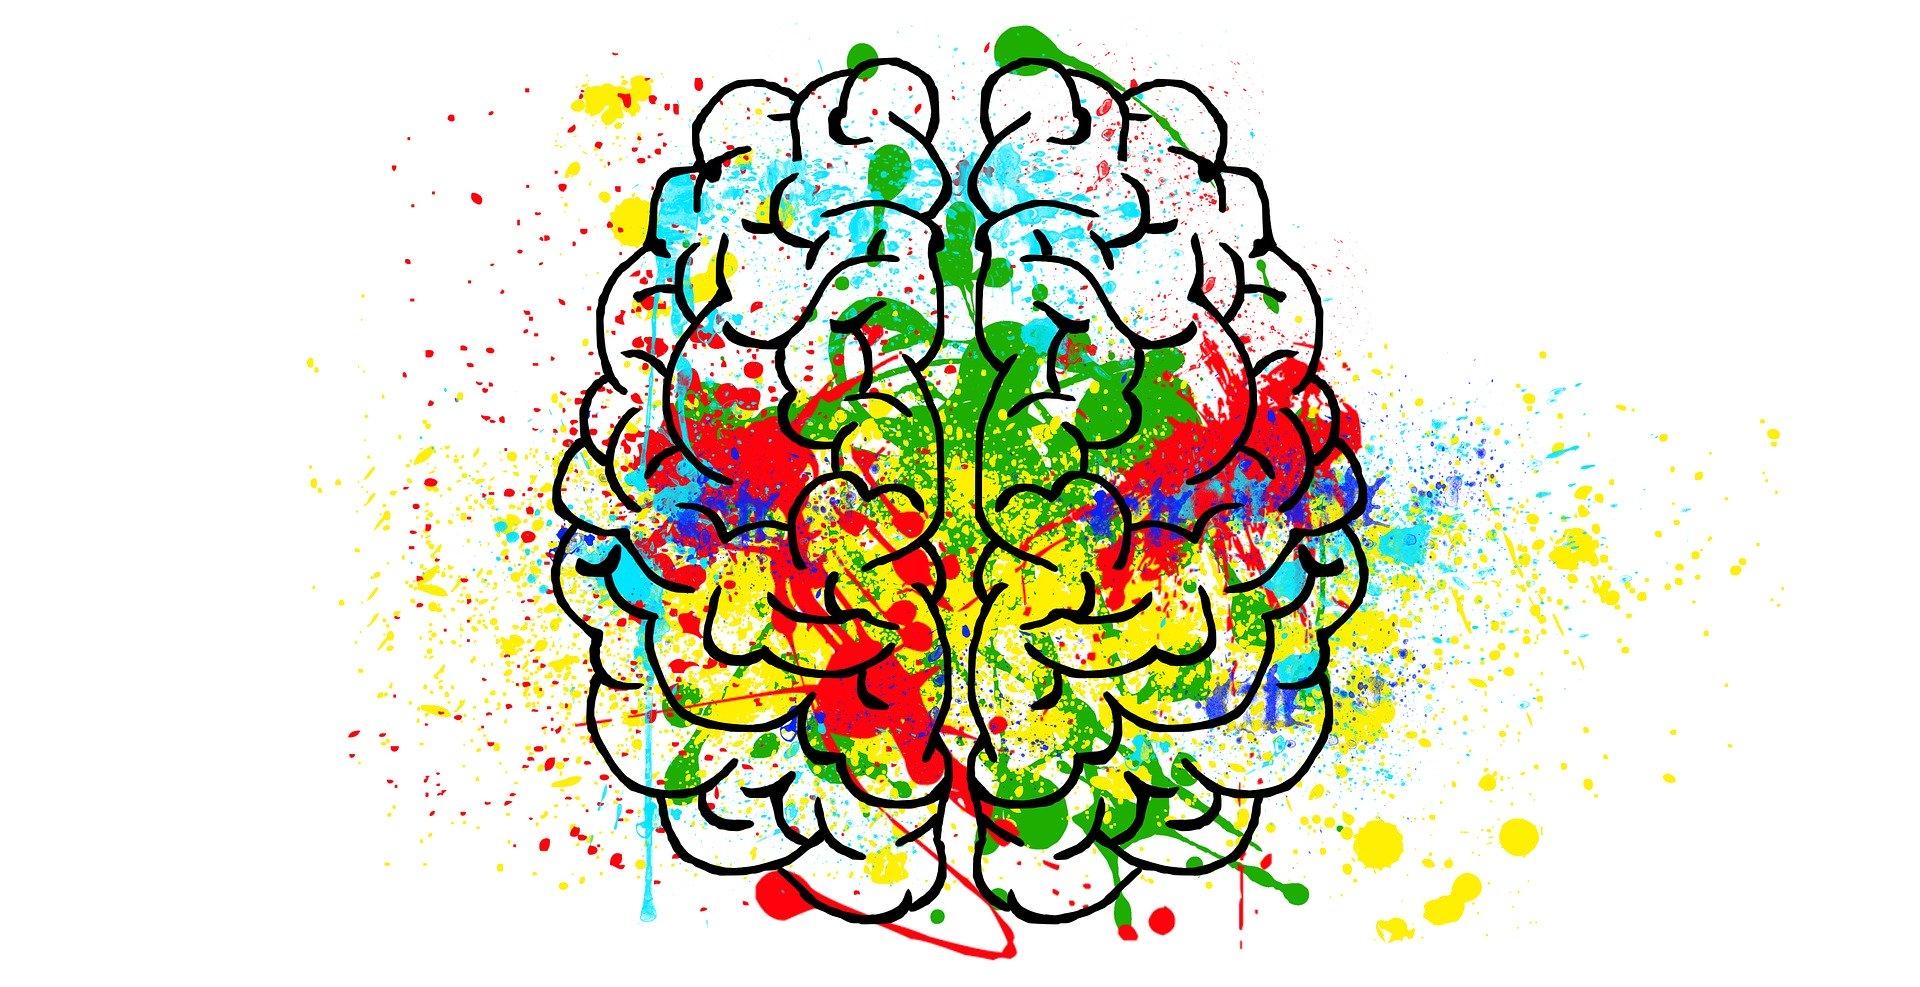 Dibujo de cerebro humano con pintura de colores